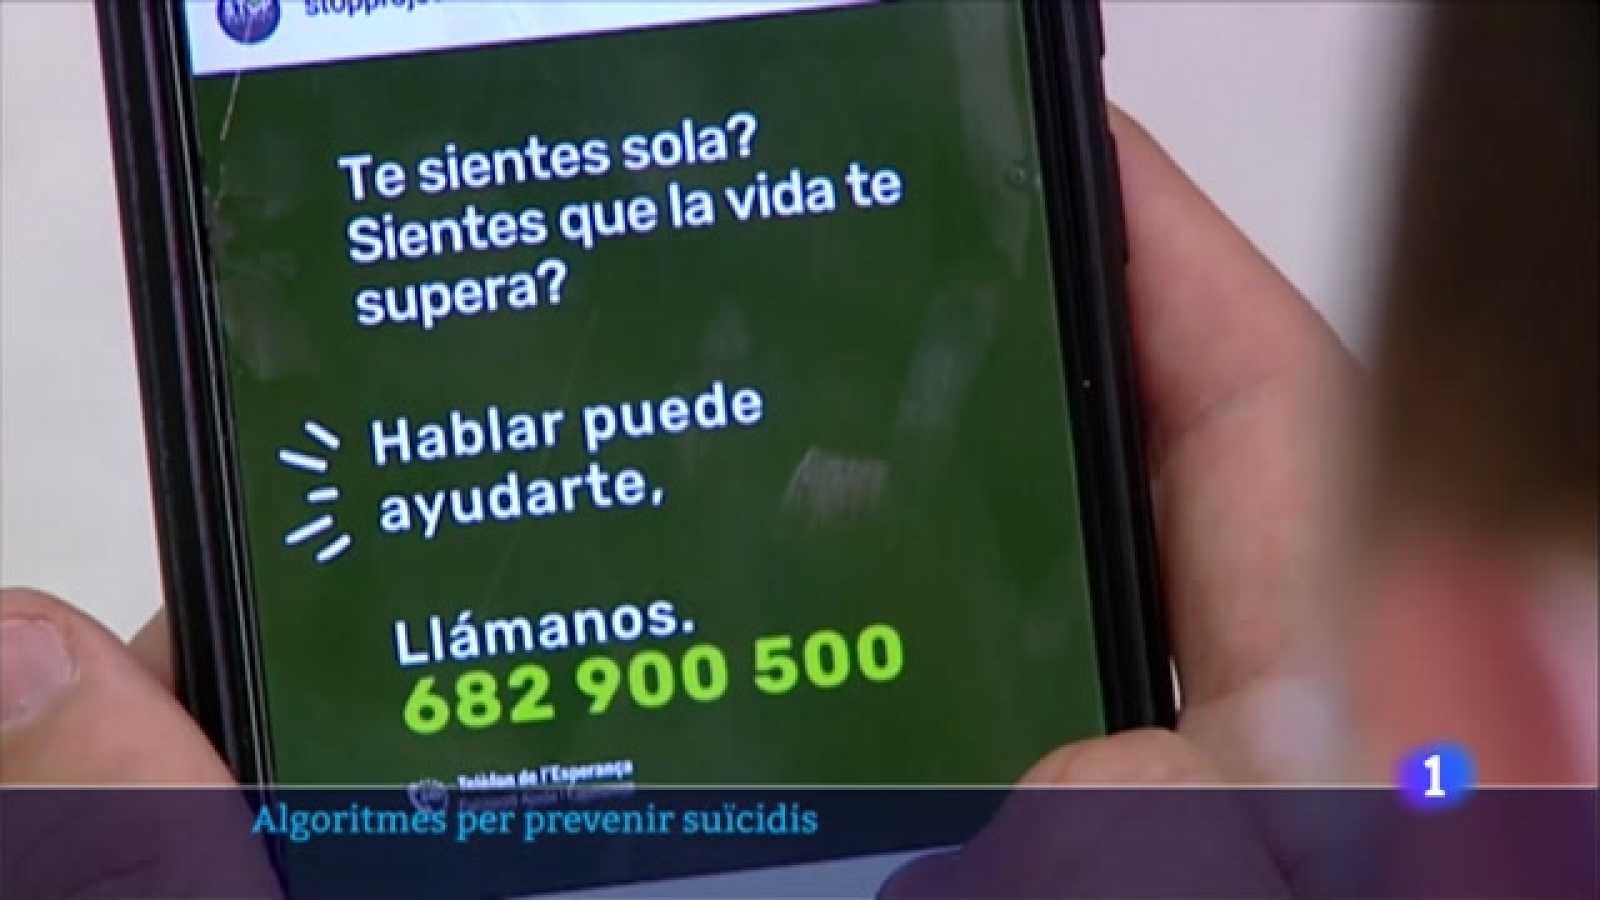 Projecte STOP per detectar conductes suïcides a les xarxes socials